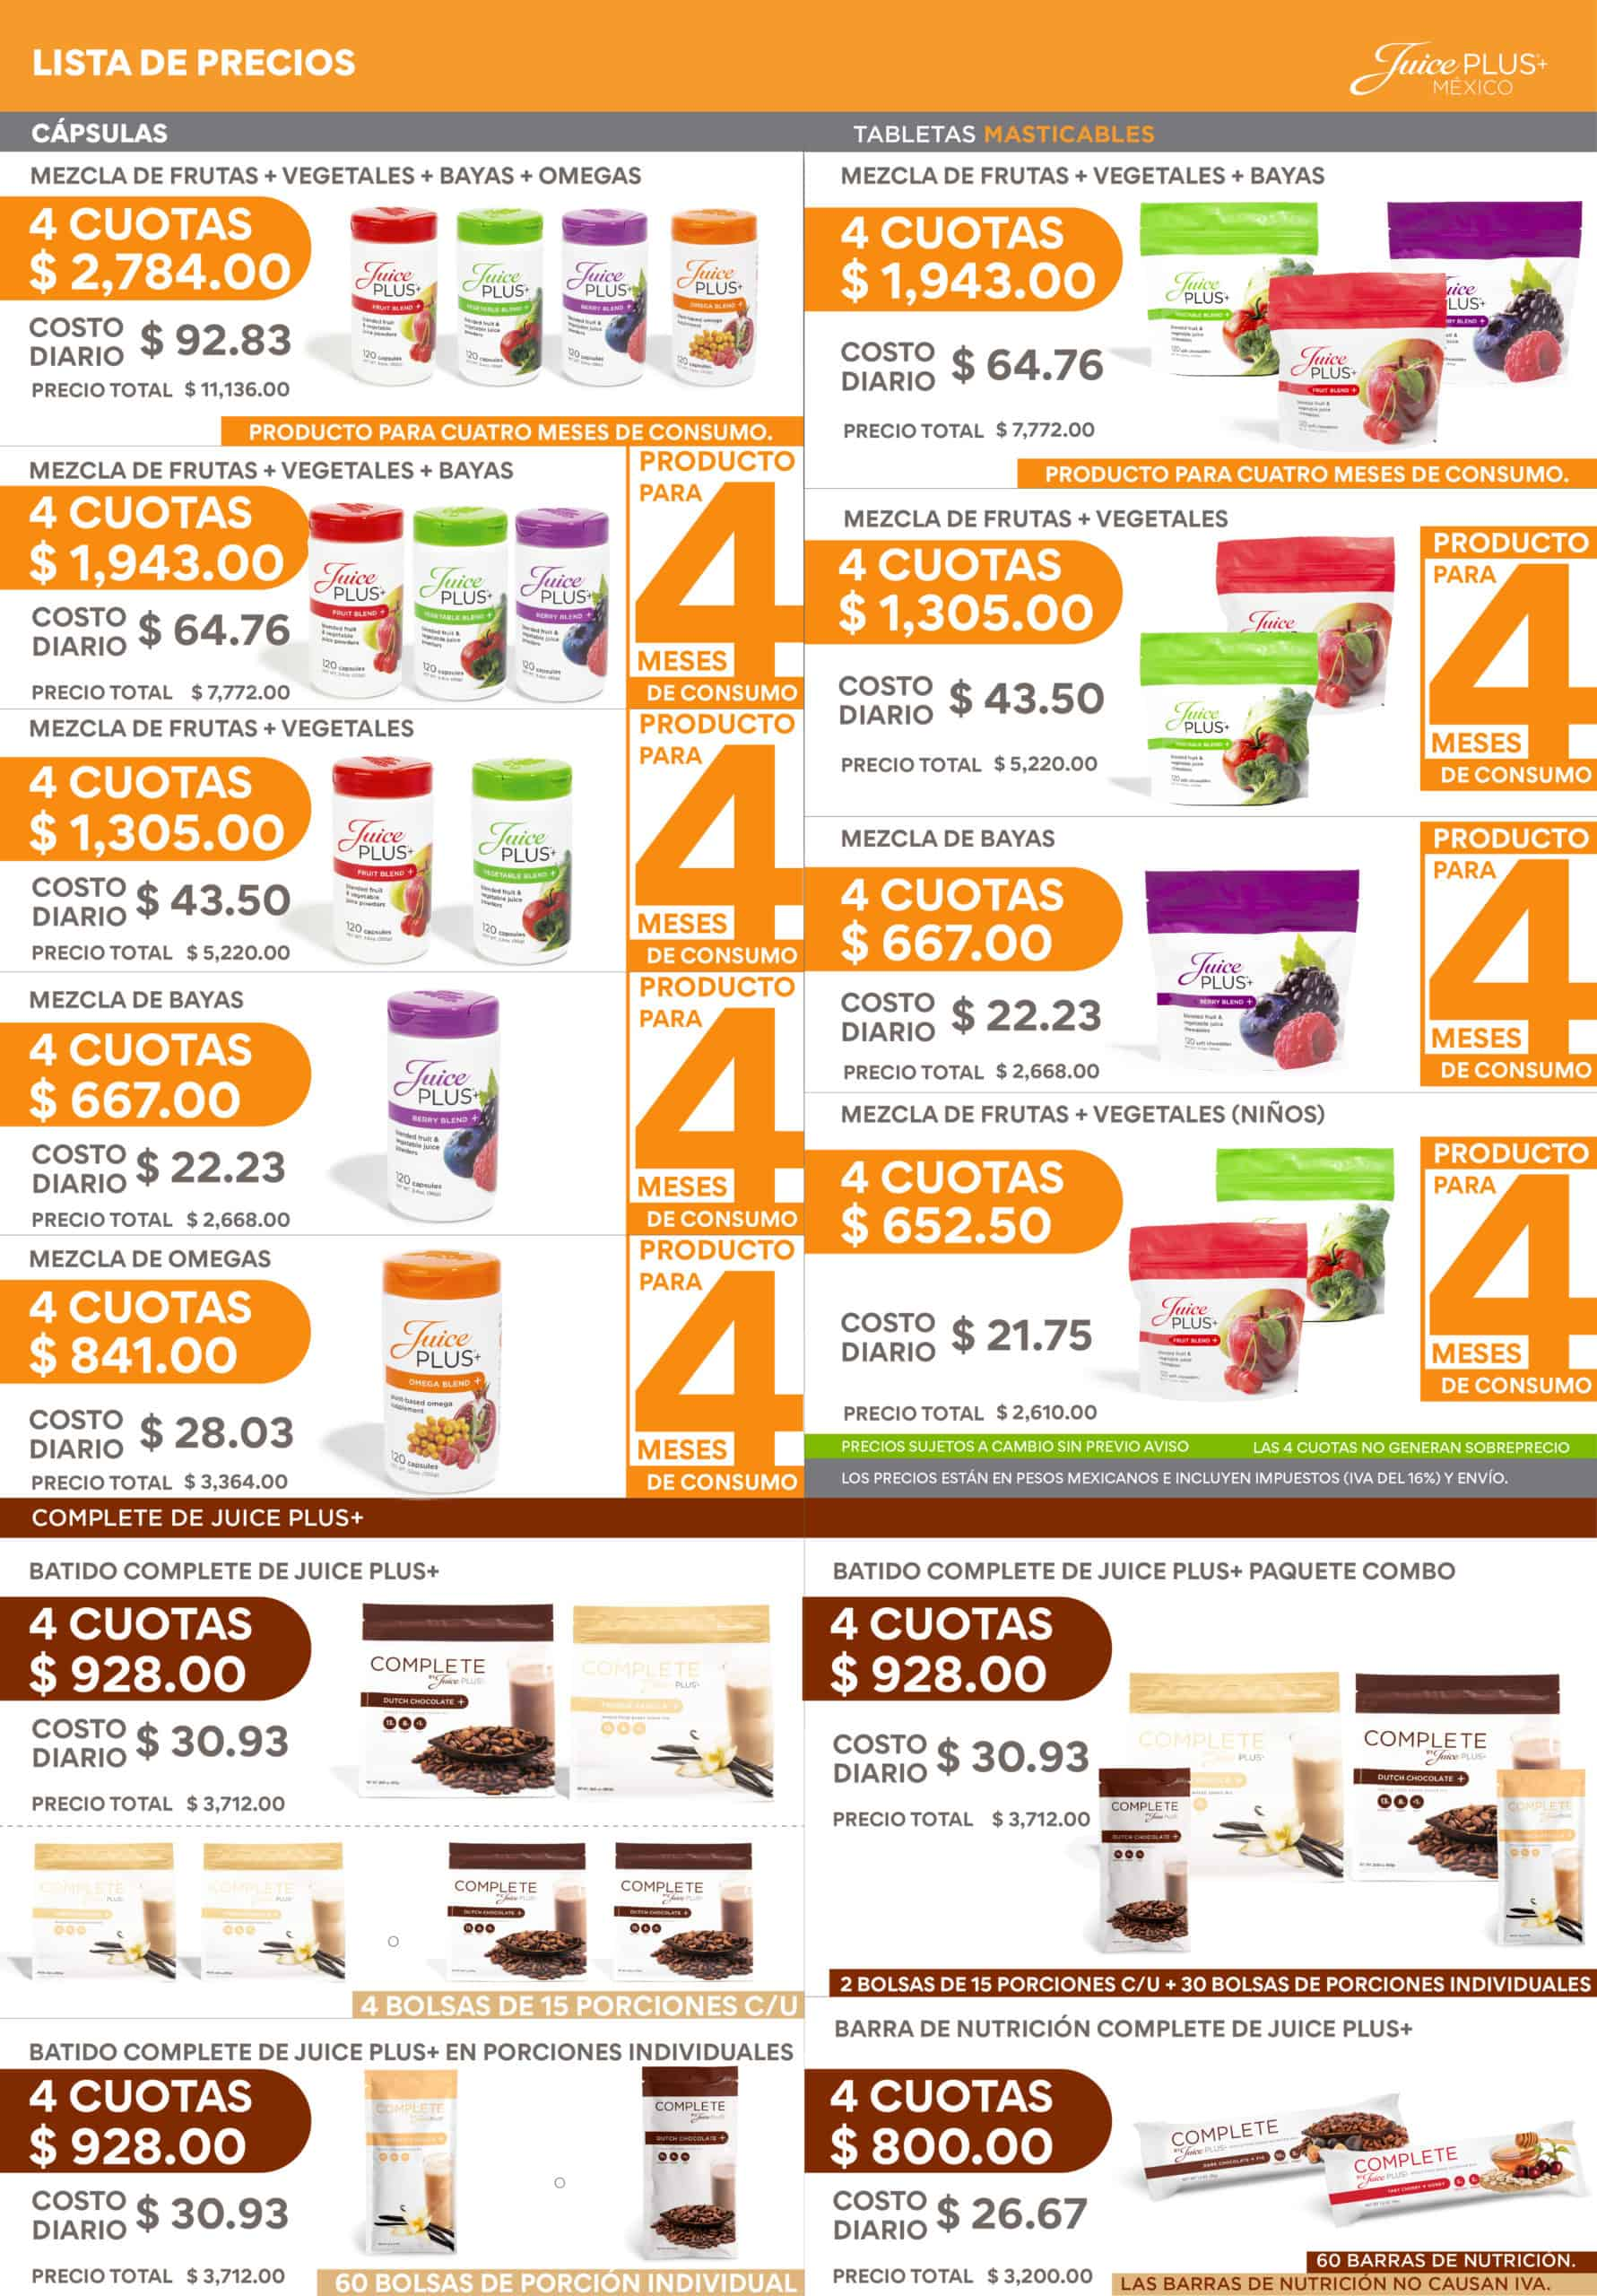 NEW 4/15/21 Price List MX